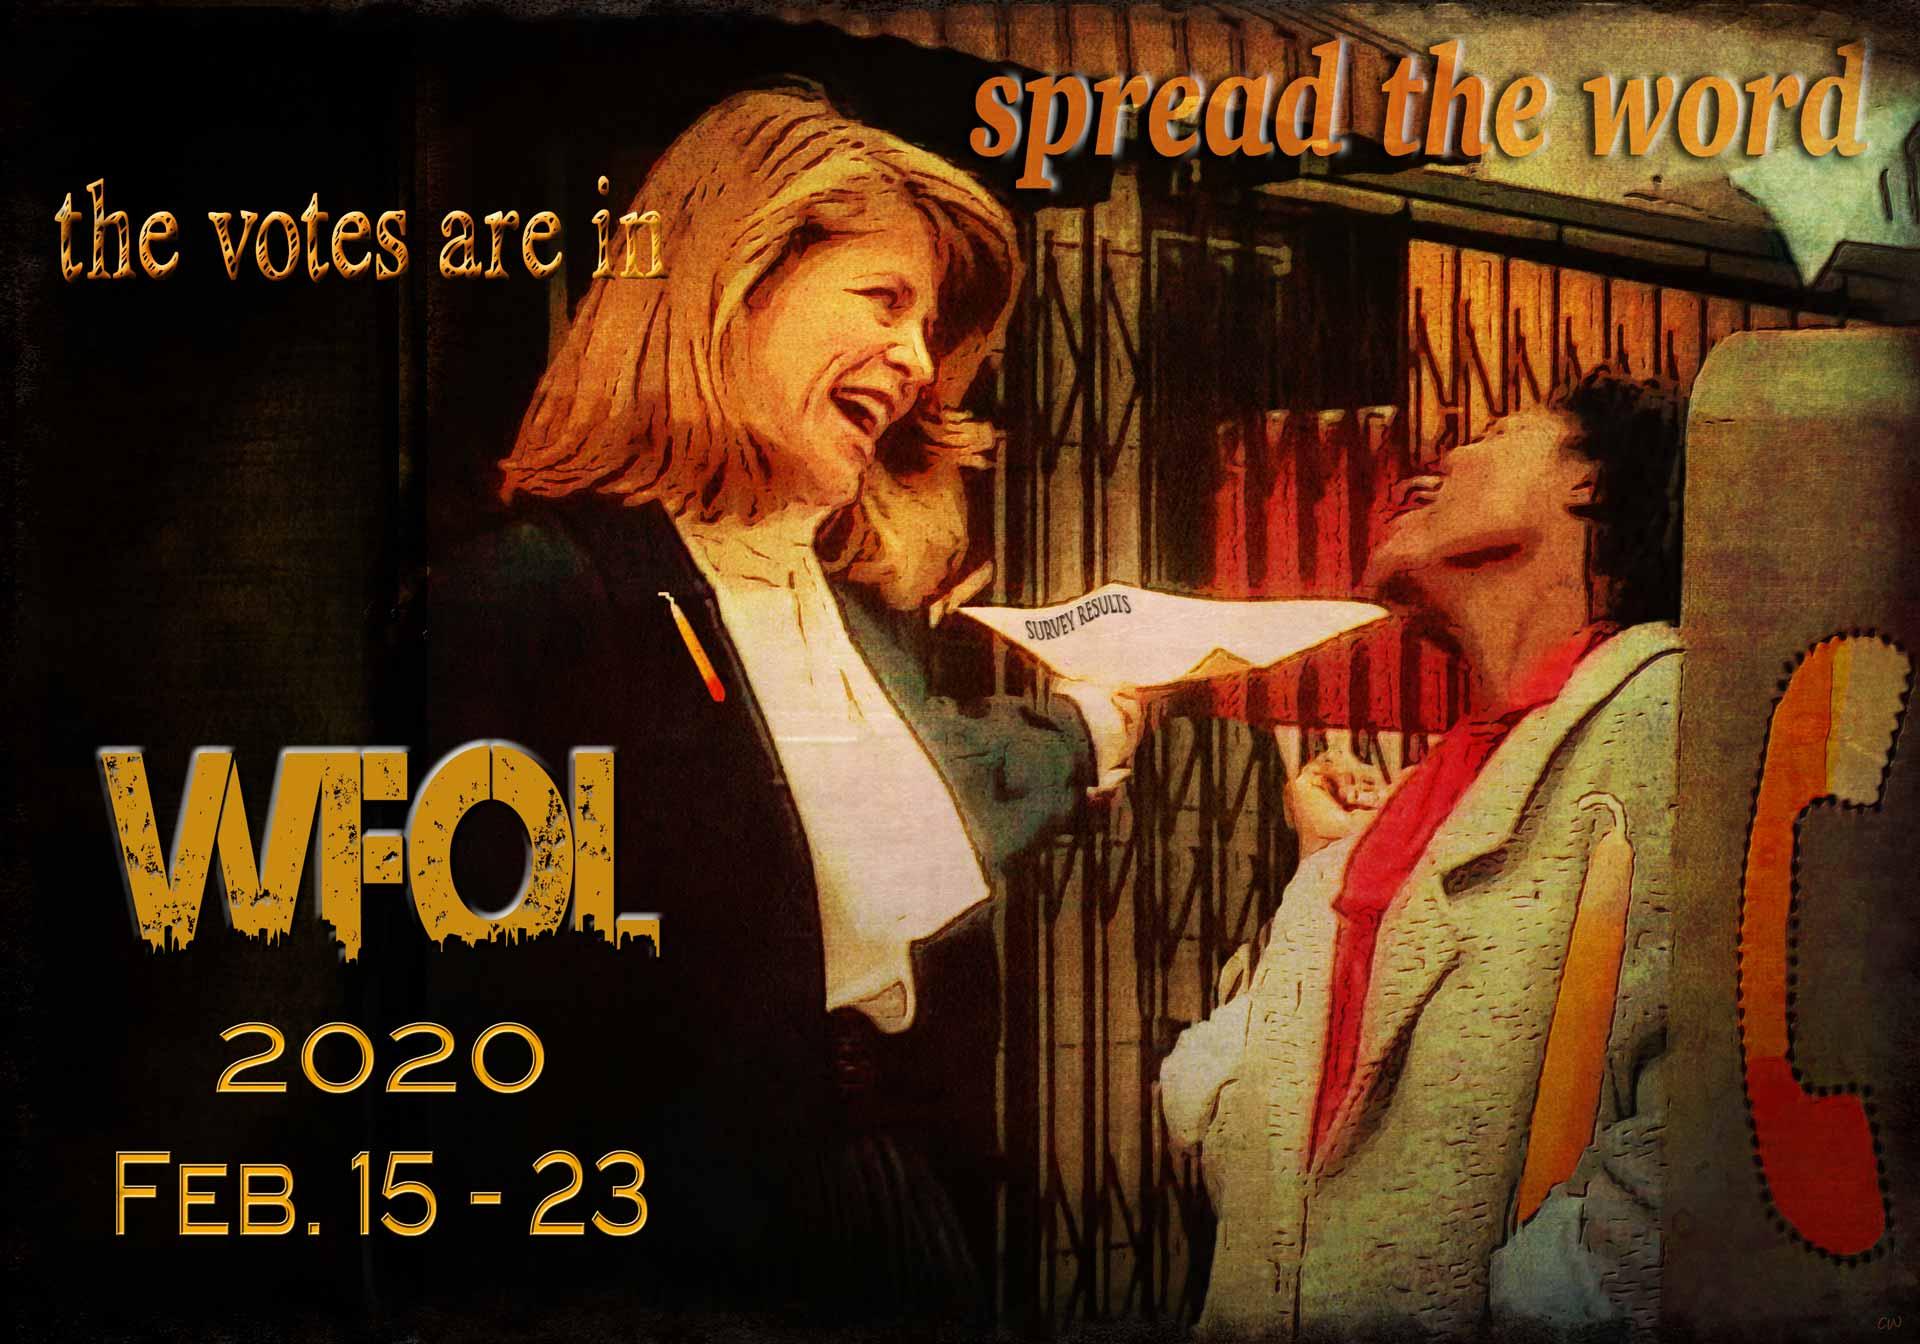 WFOL 2020!